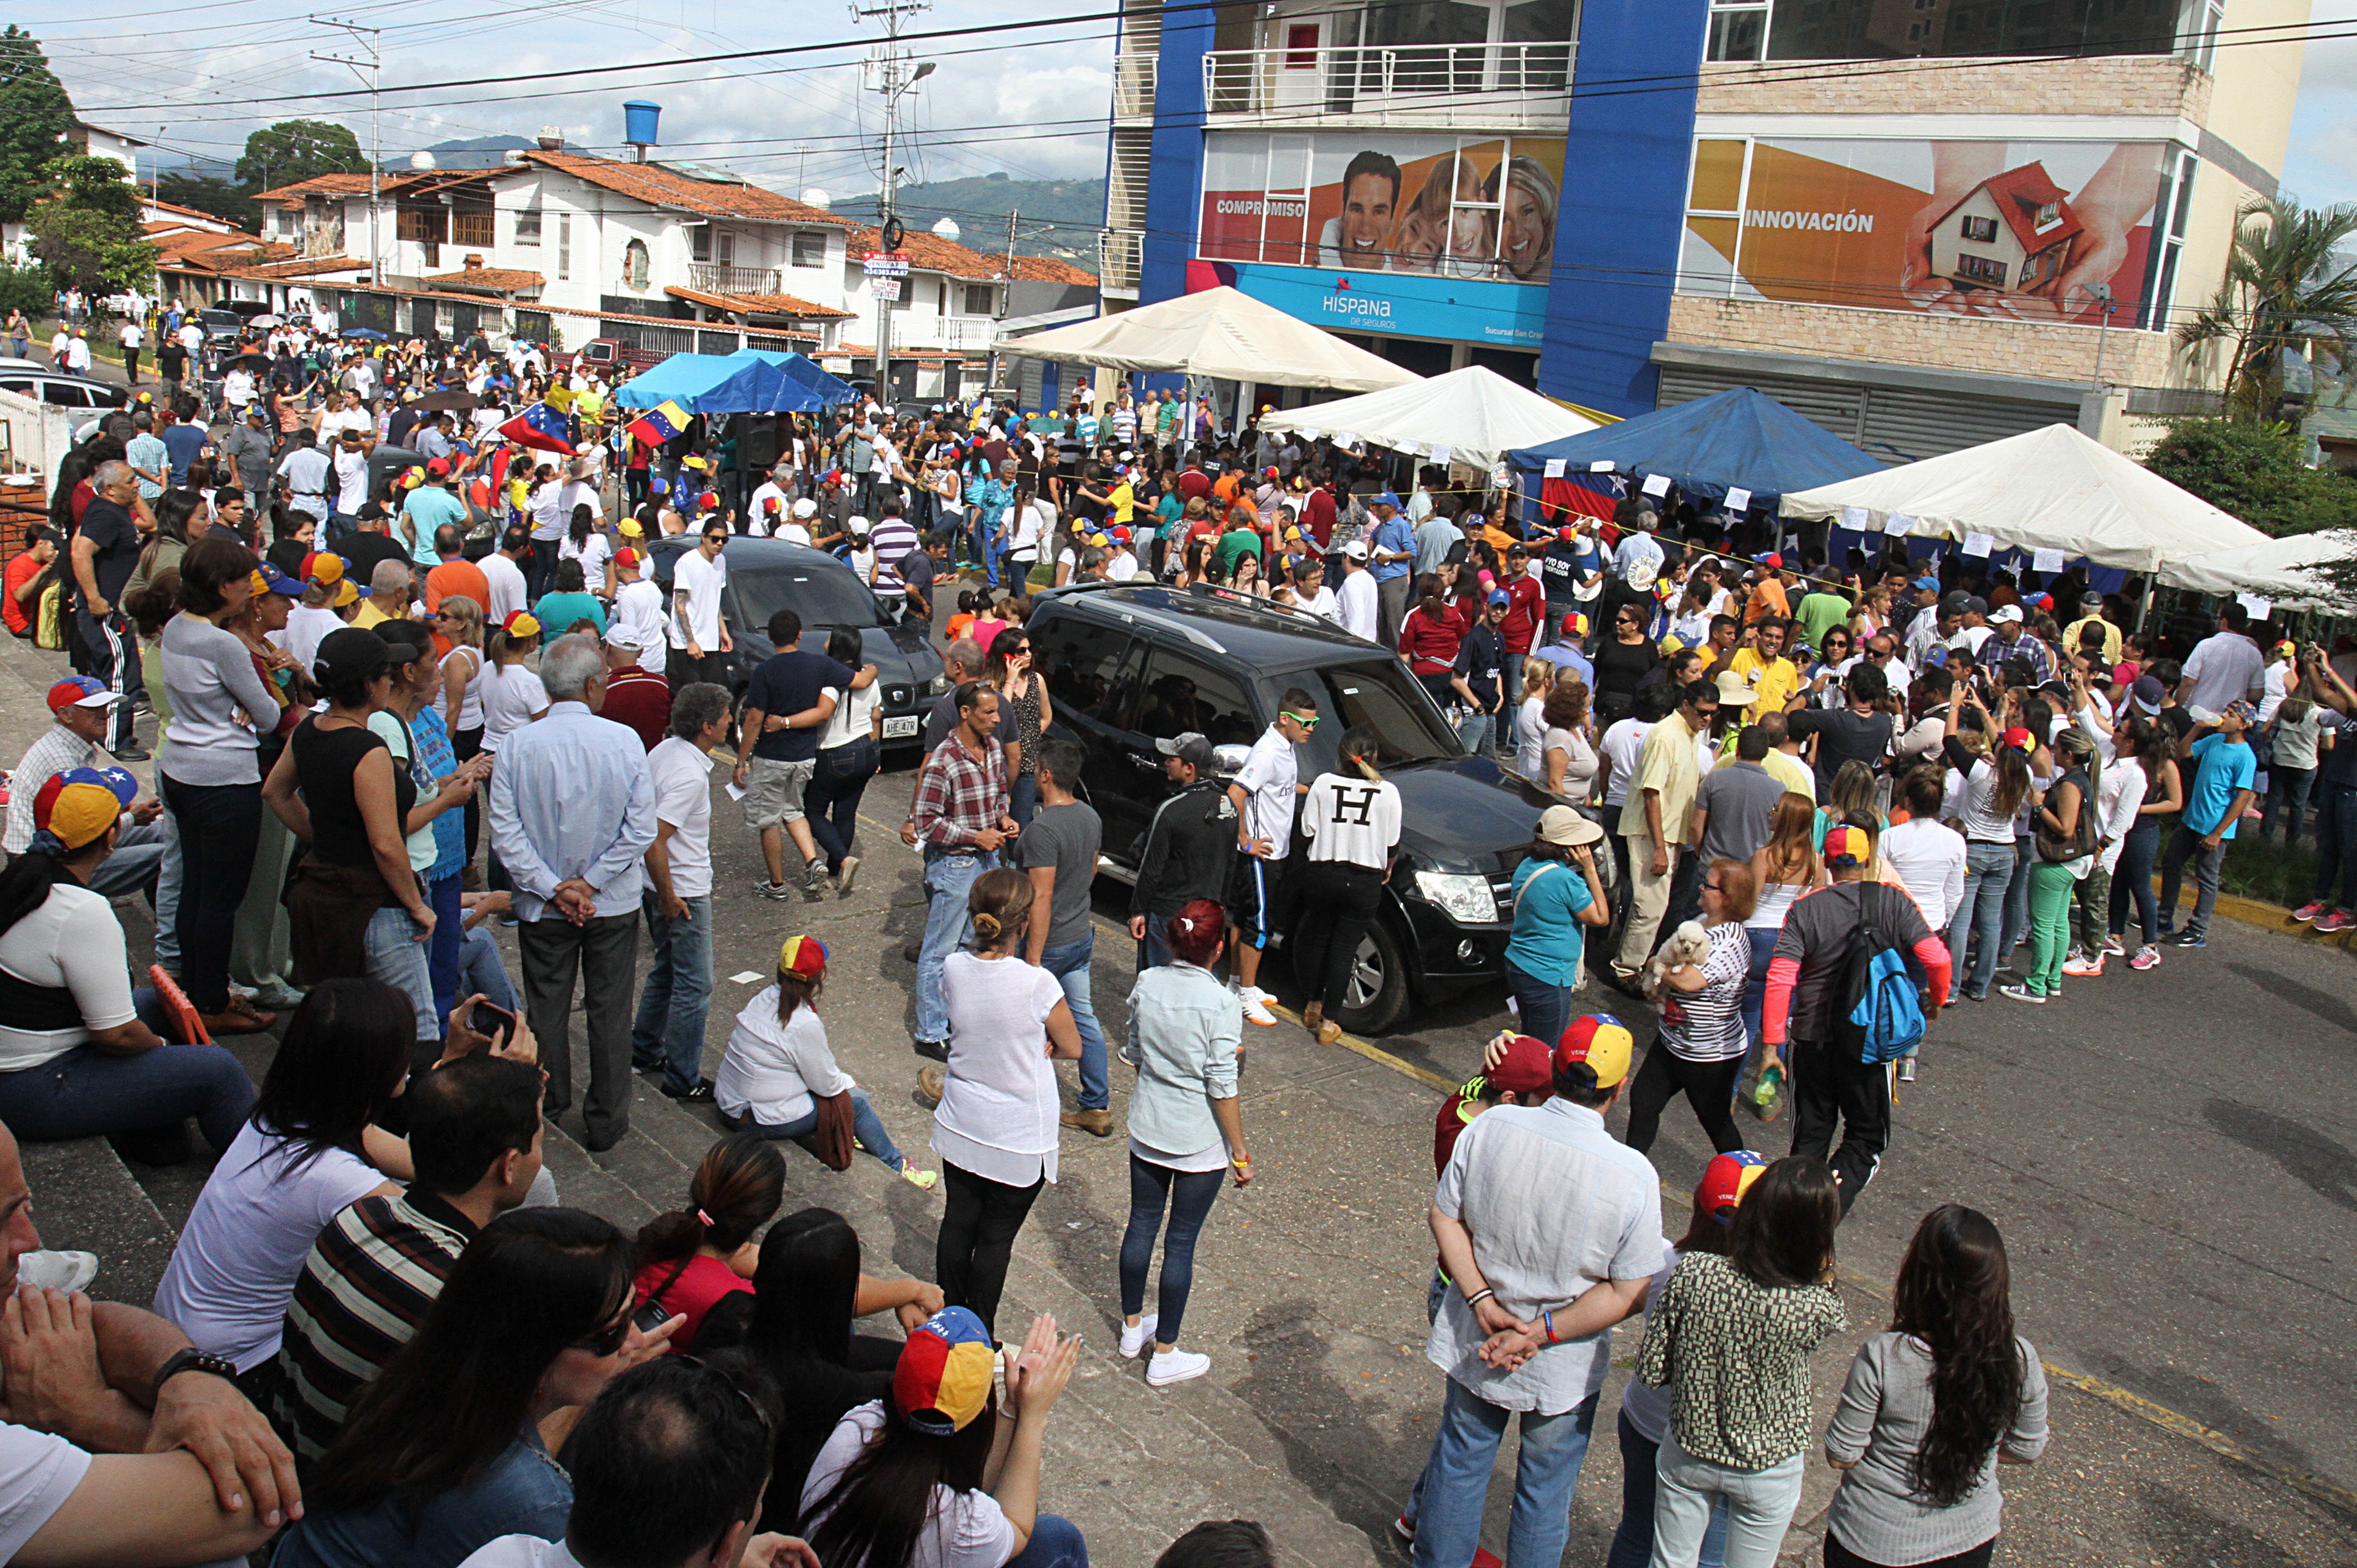 Plebiscito en Venezuela, crisis violenta. @AFP